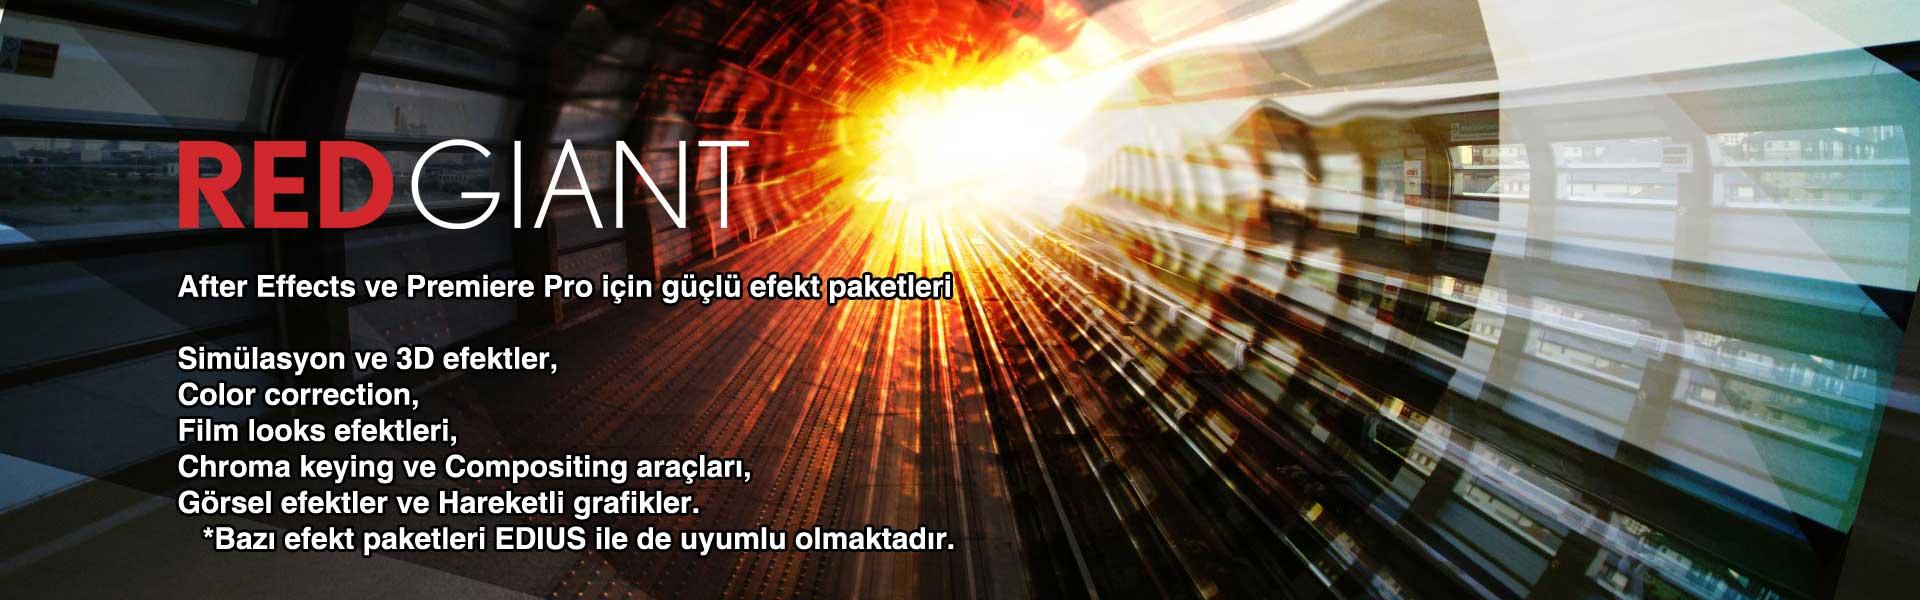 redgiant-slider-3